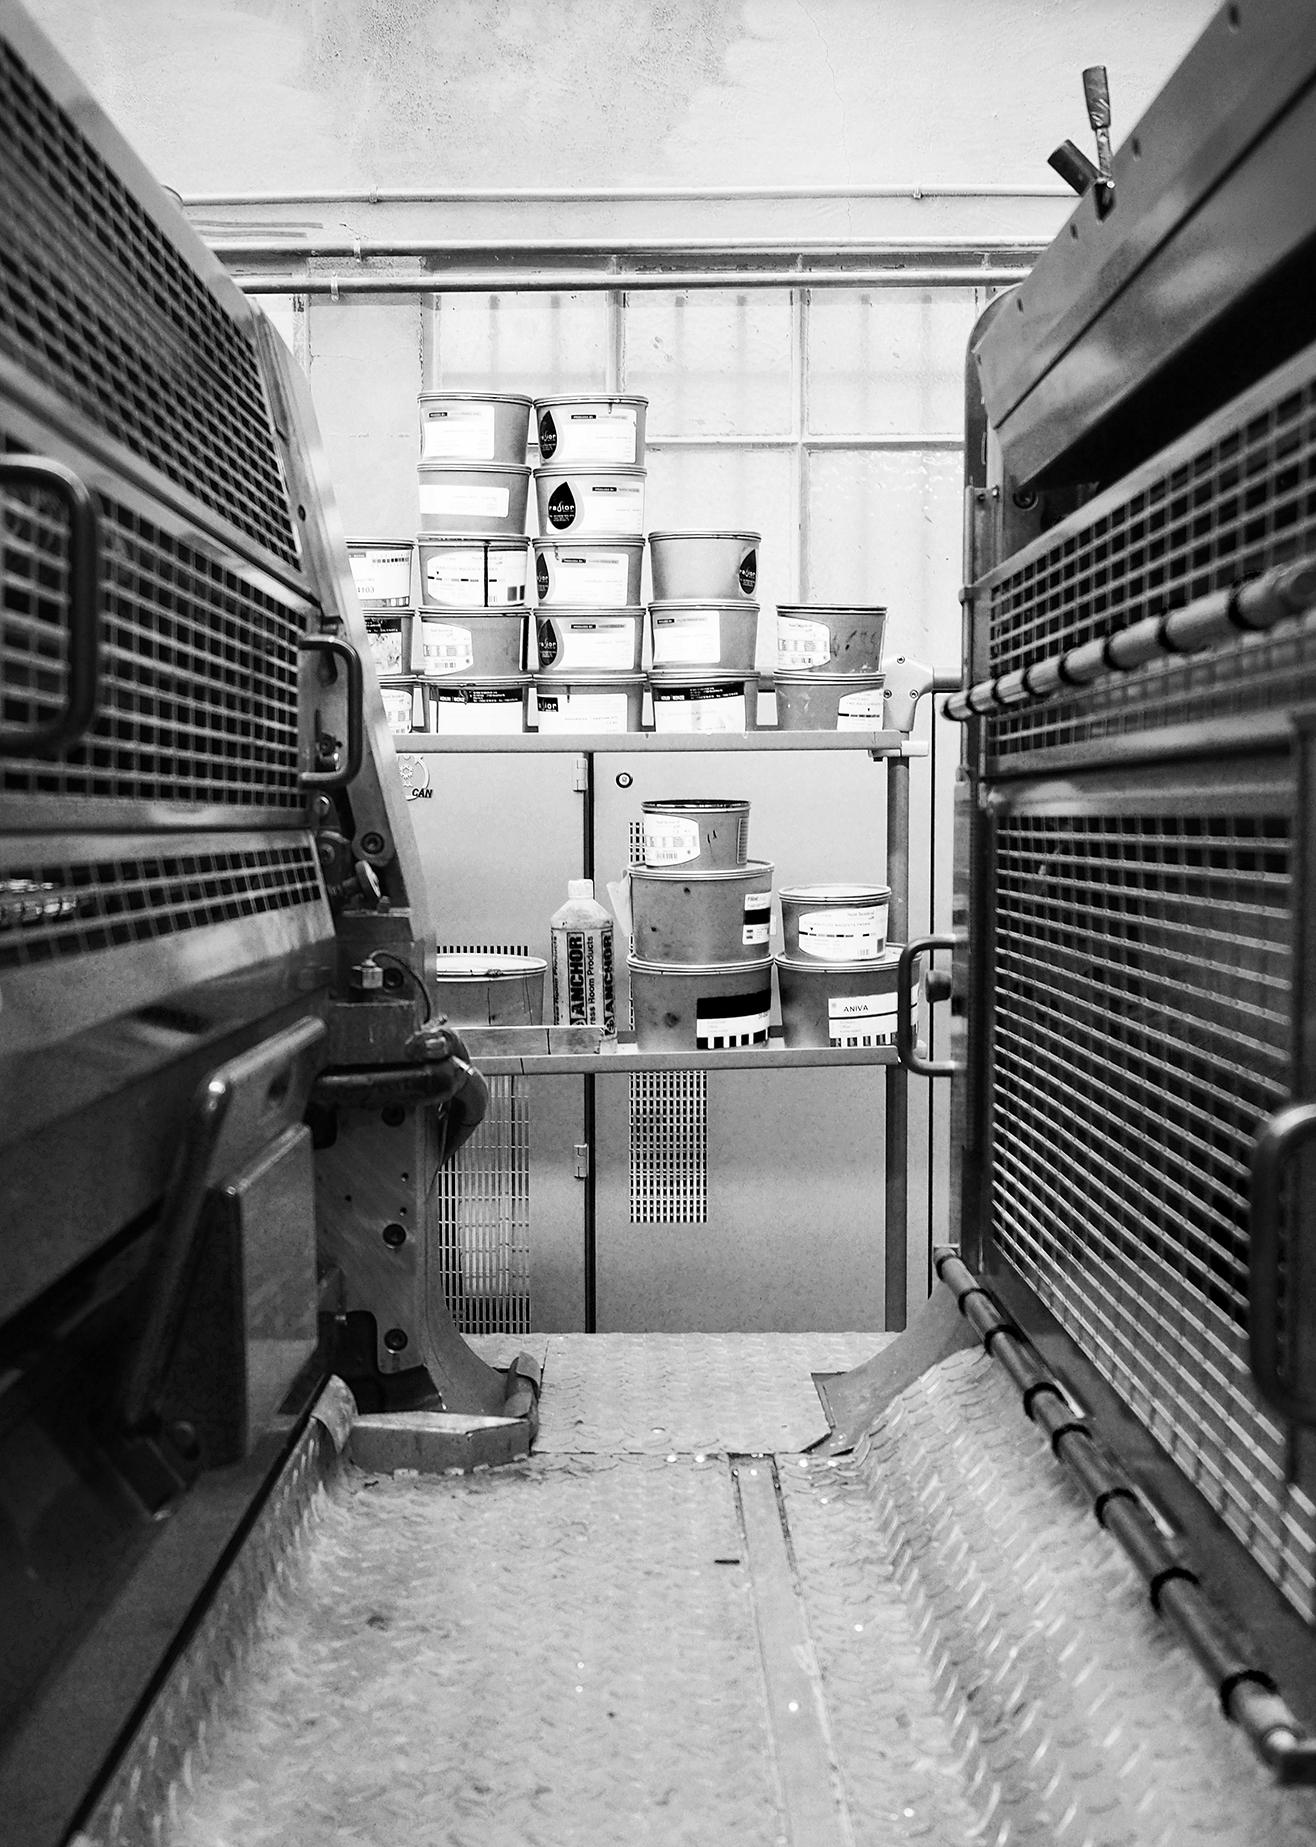 Imprimerie moutot - machine - imprimeur